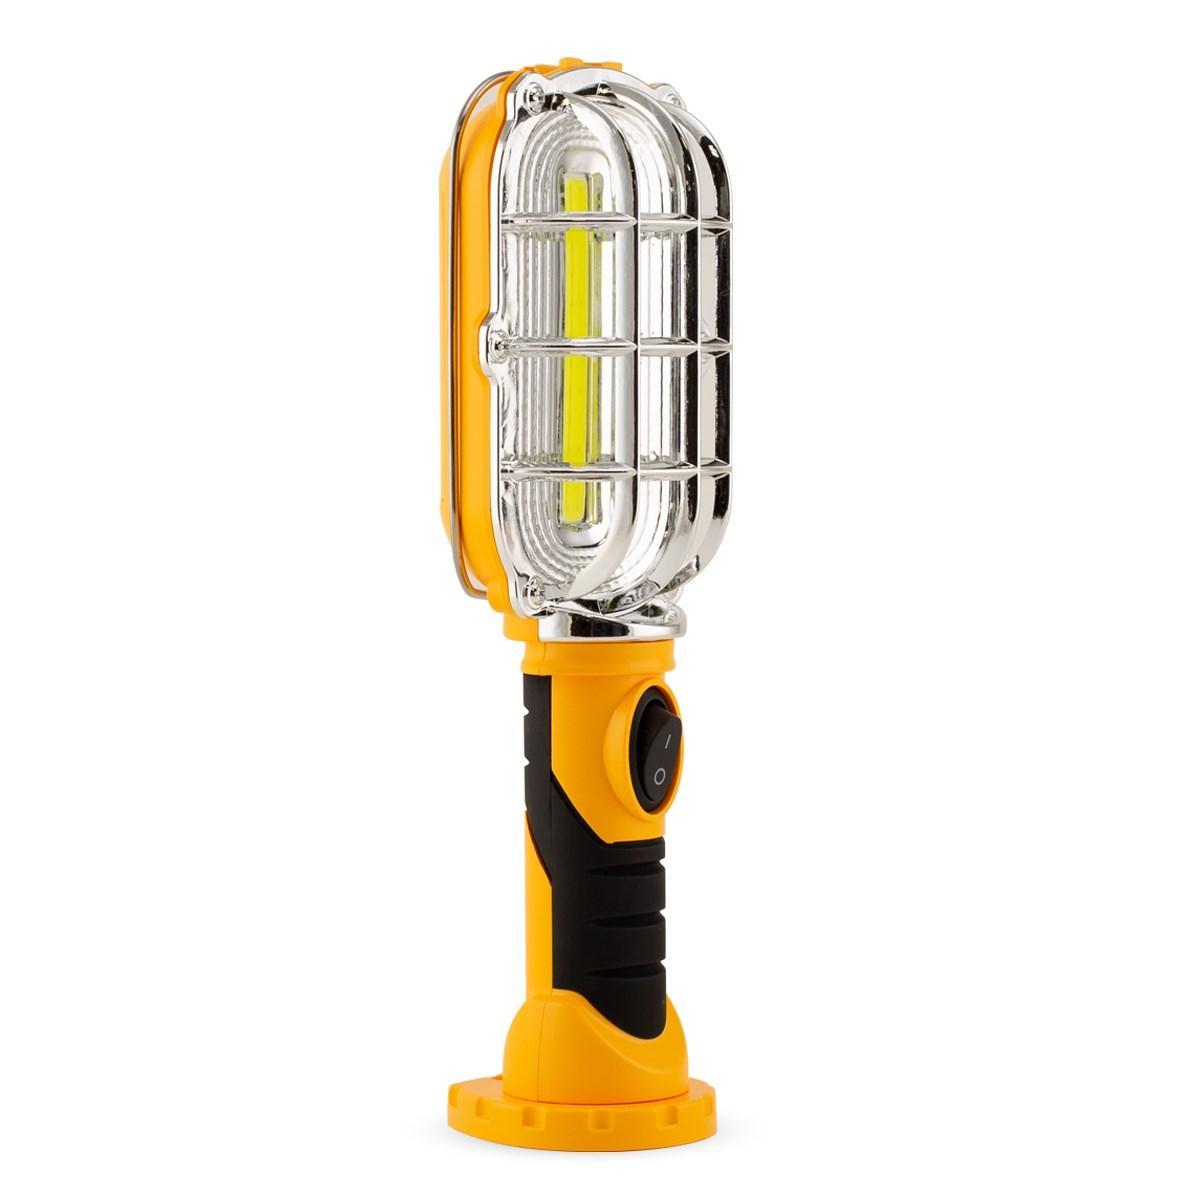 Фонарик Handy Brite аварийный фонарь с магнитом и крючком (2866)